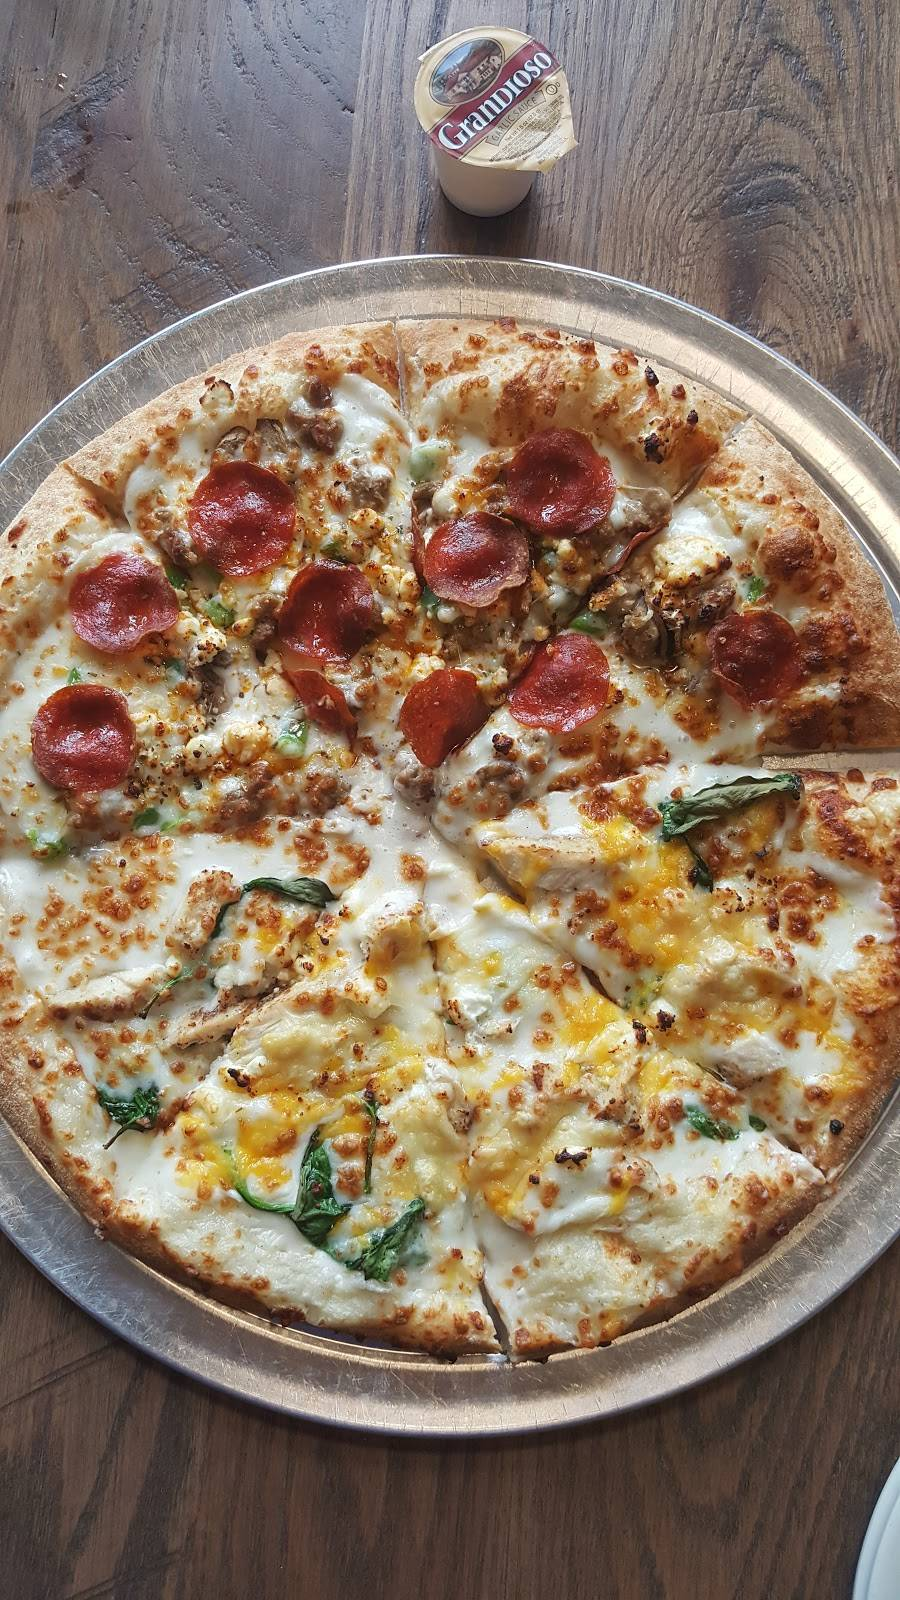 Bourbon Street Pizza (Culver)   restaurant   614 E Lake Shore Dr, Culver, IN 46511, USA   5748423333 OR +1 574-842-3333